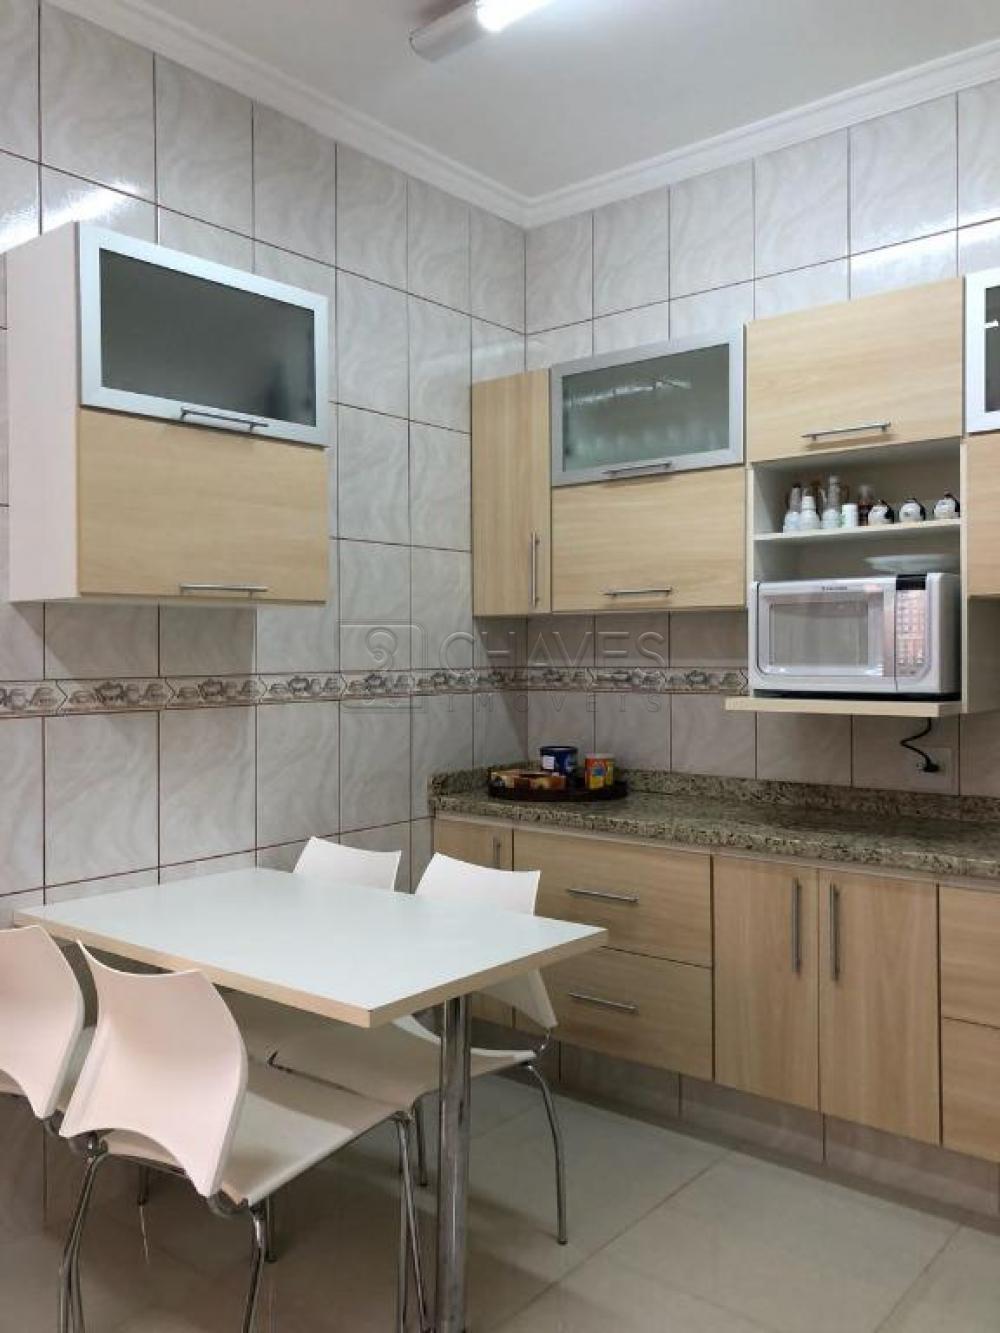 Comprar Casa / Condomínio em Ribeirão Preto apenas R$ 1.280.000,00 - Foto 27